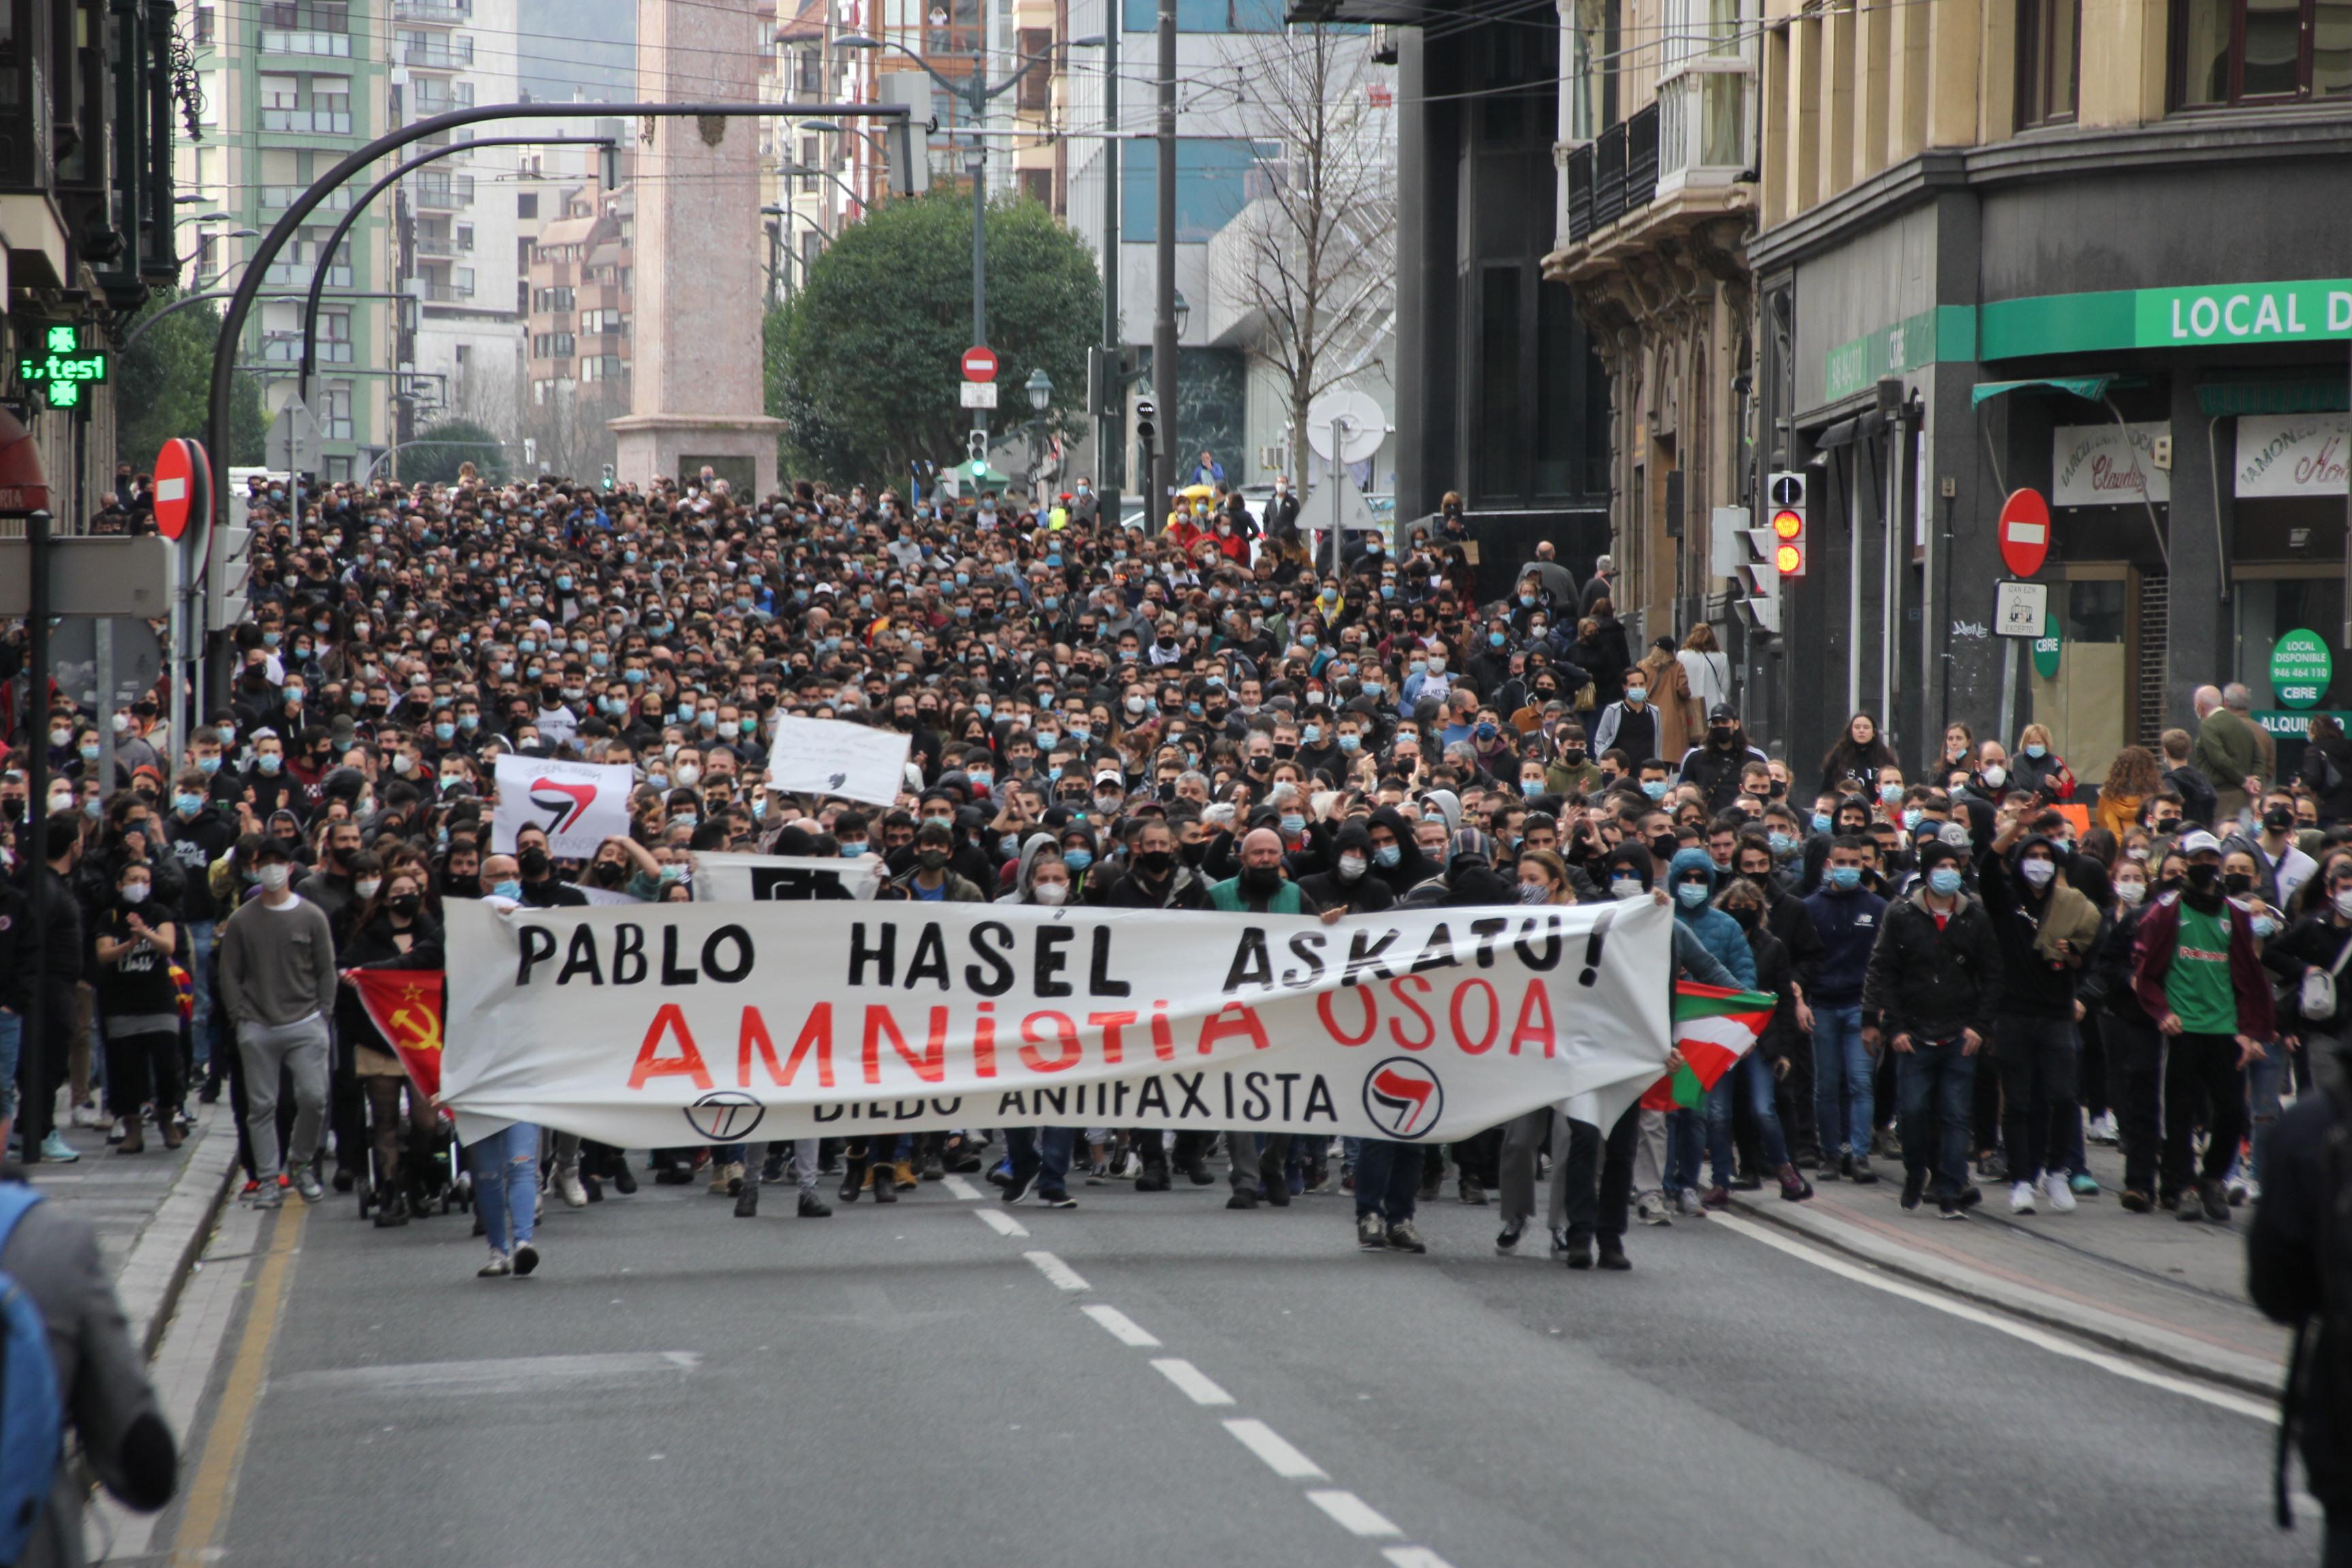 Pablo Hasel verteidigen, heißt demokratische Rechte verteidigen